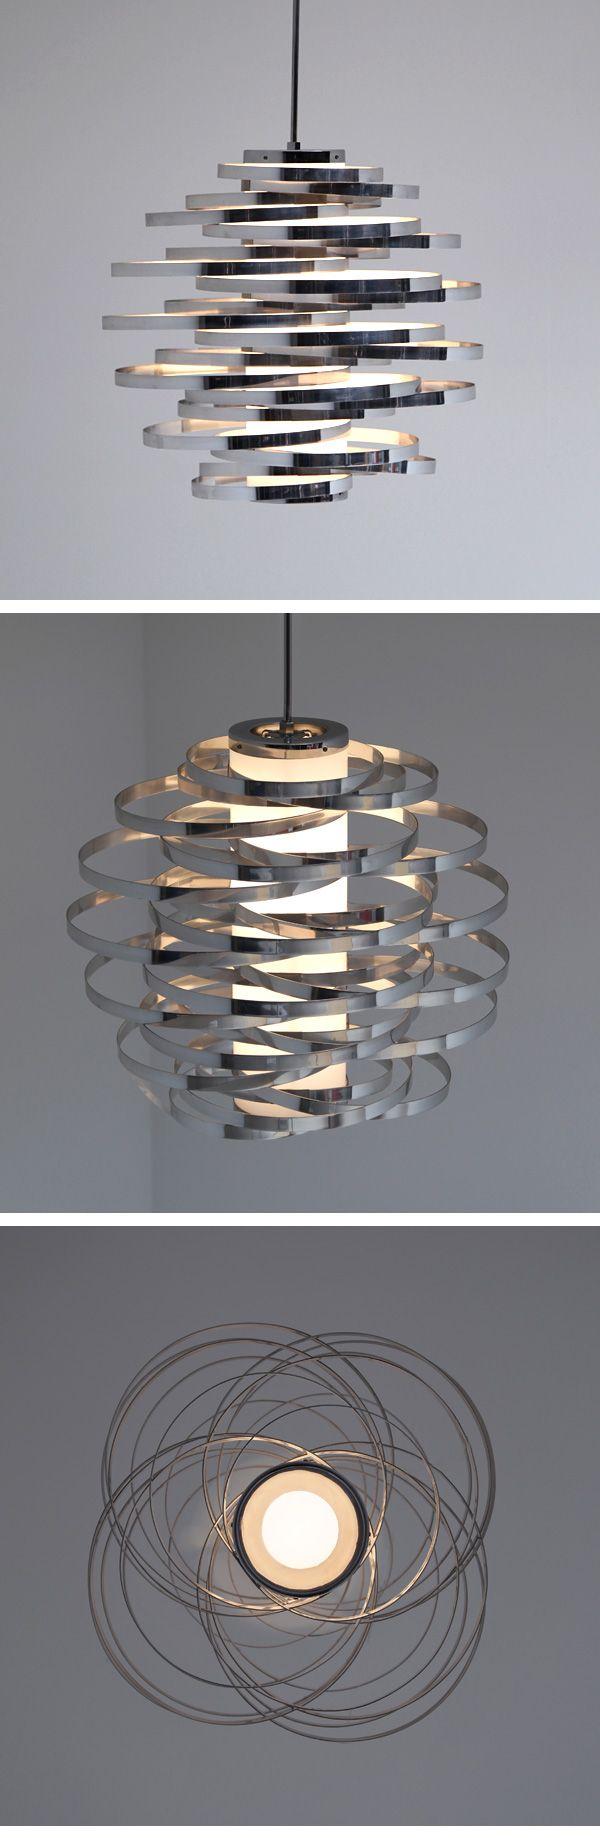 Design: Gaetano Sciolari source city-furniture.be